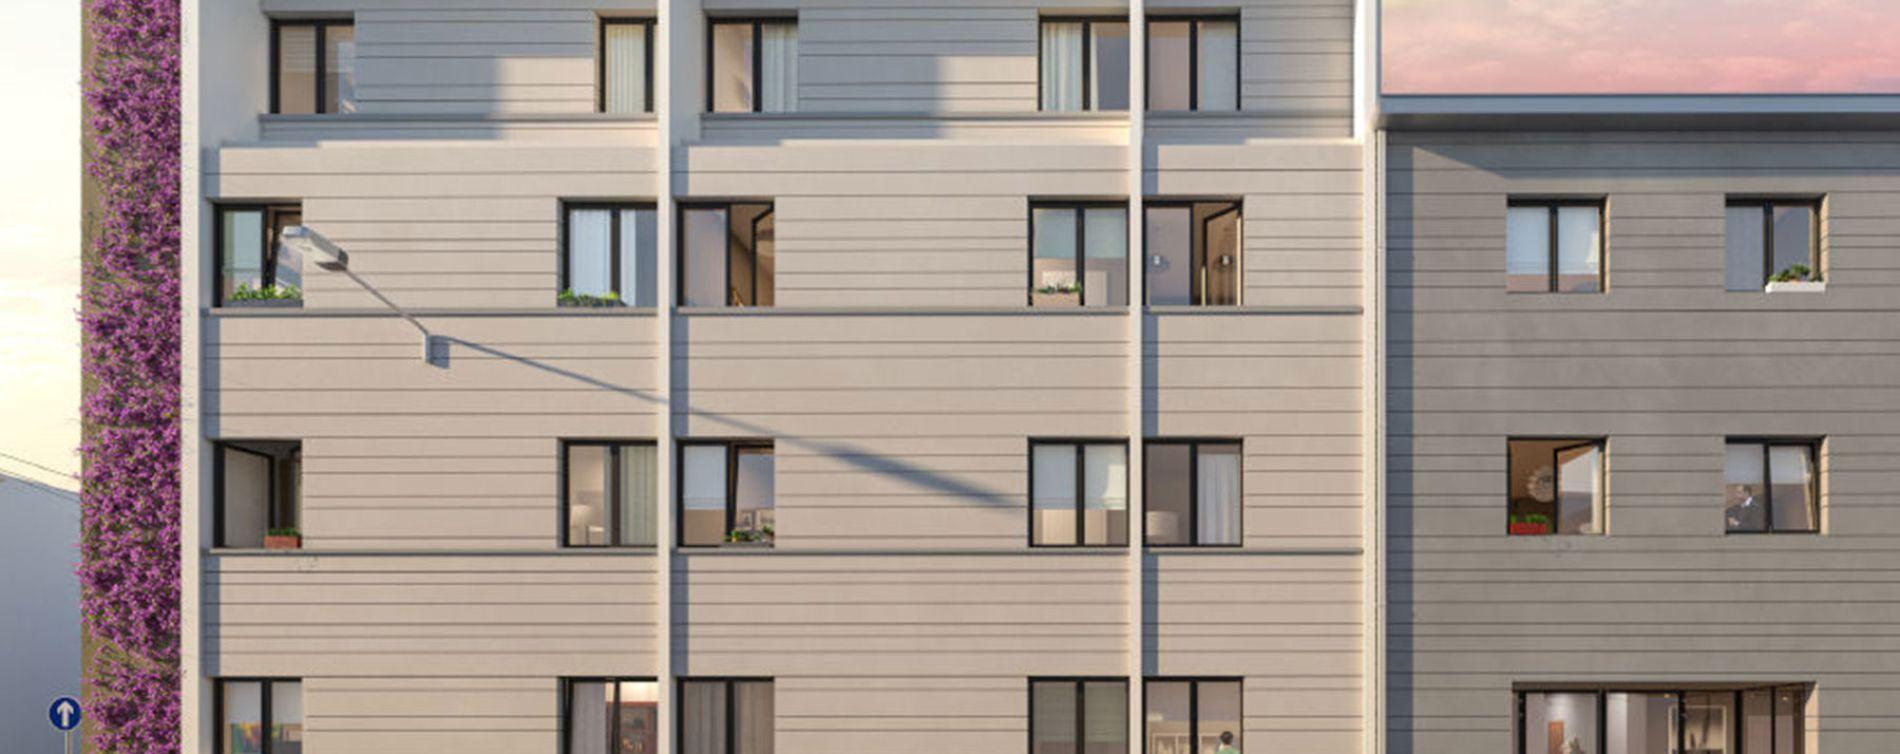 Reims : programme immobilier à rénover « Résidence 31 2 » en Loi Pinel ancien